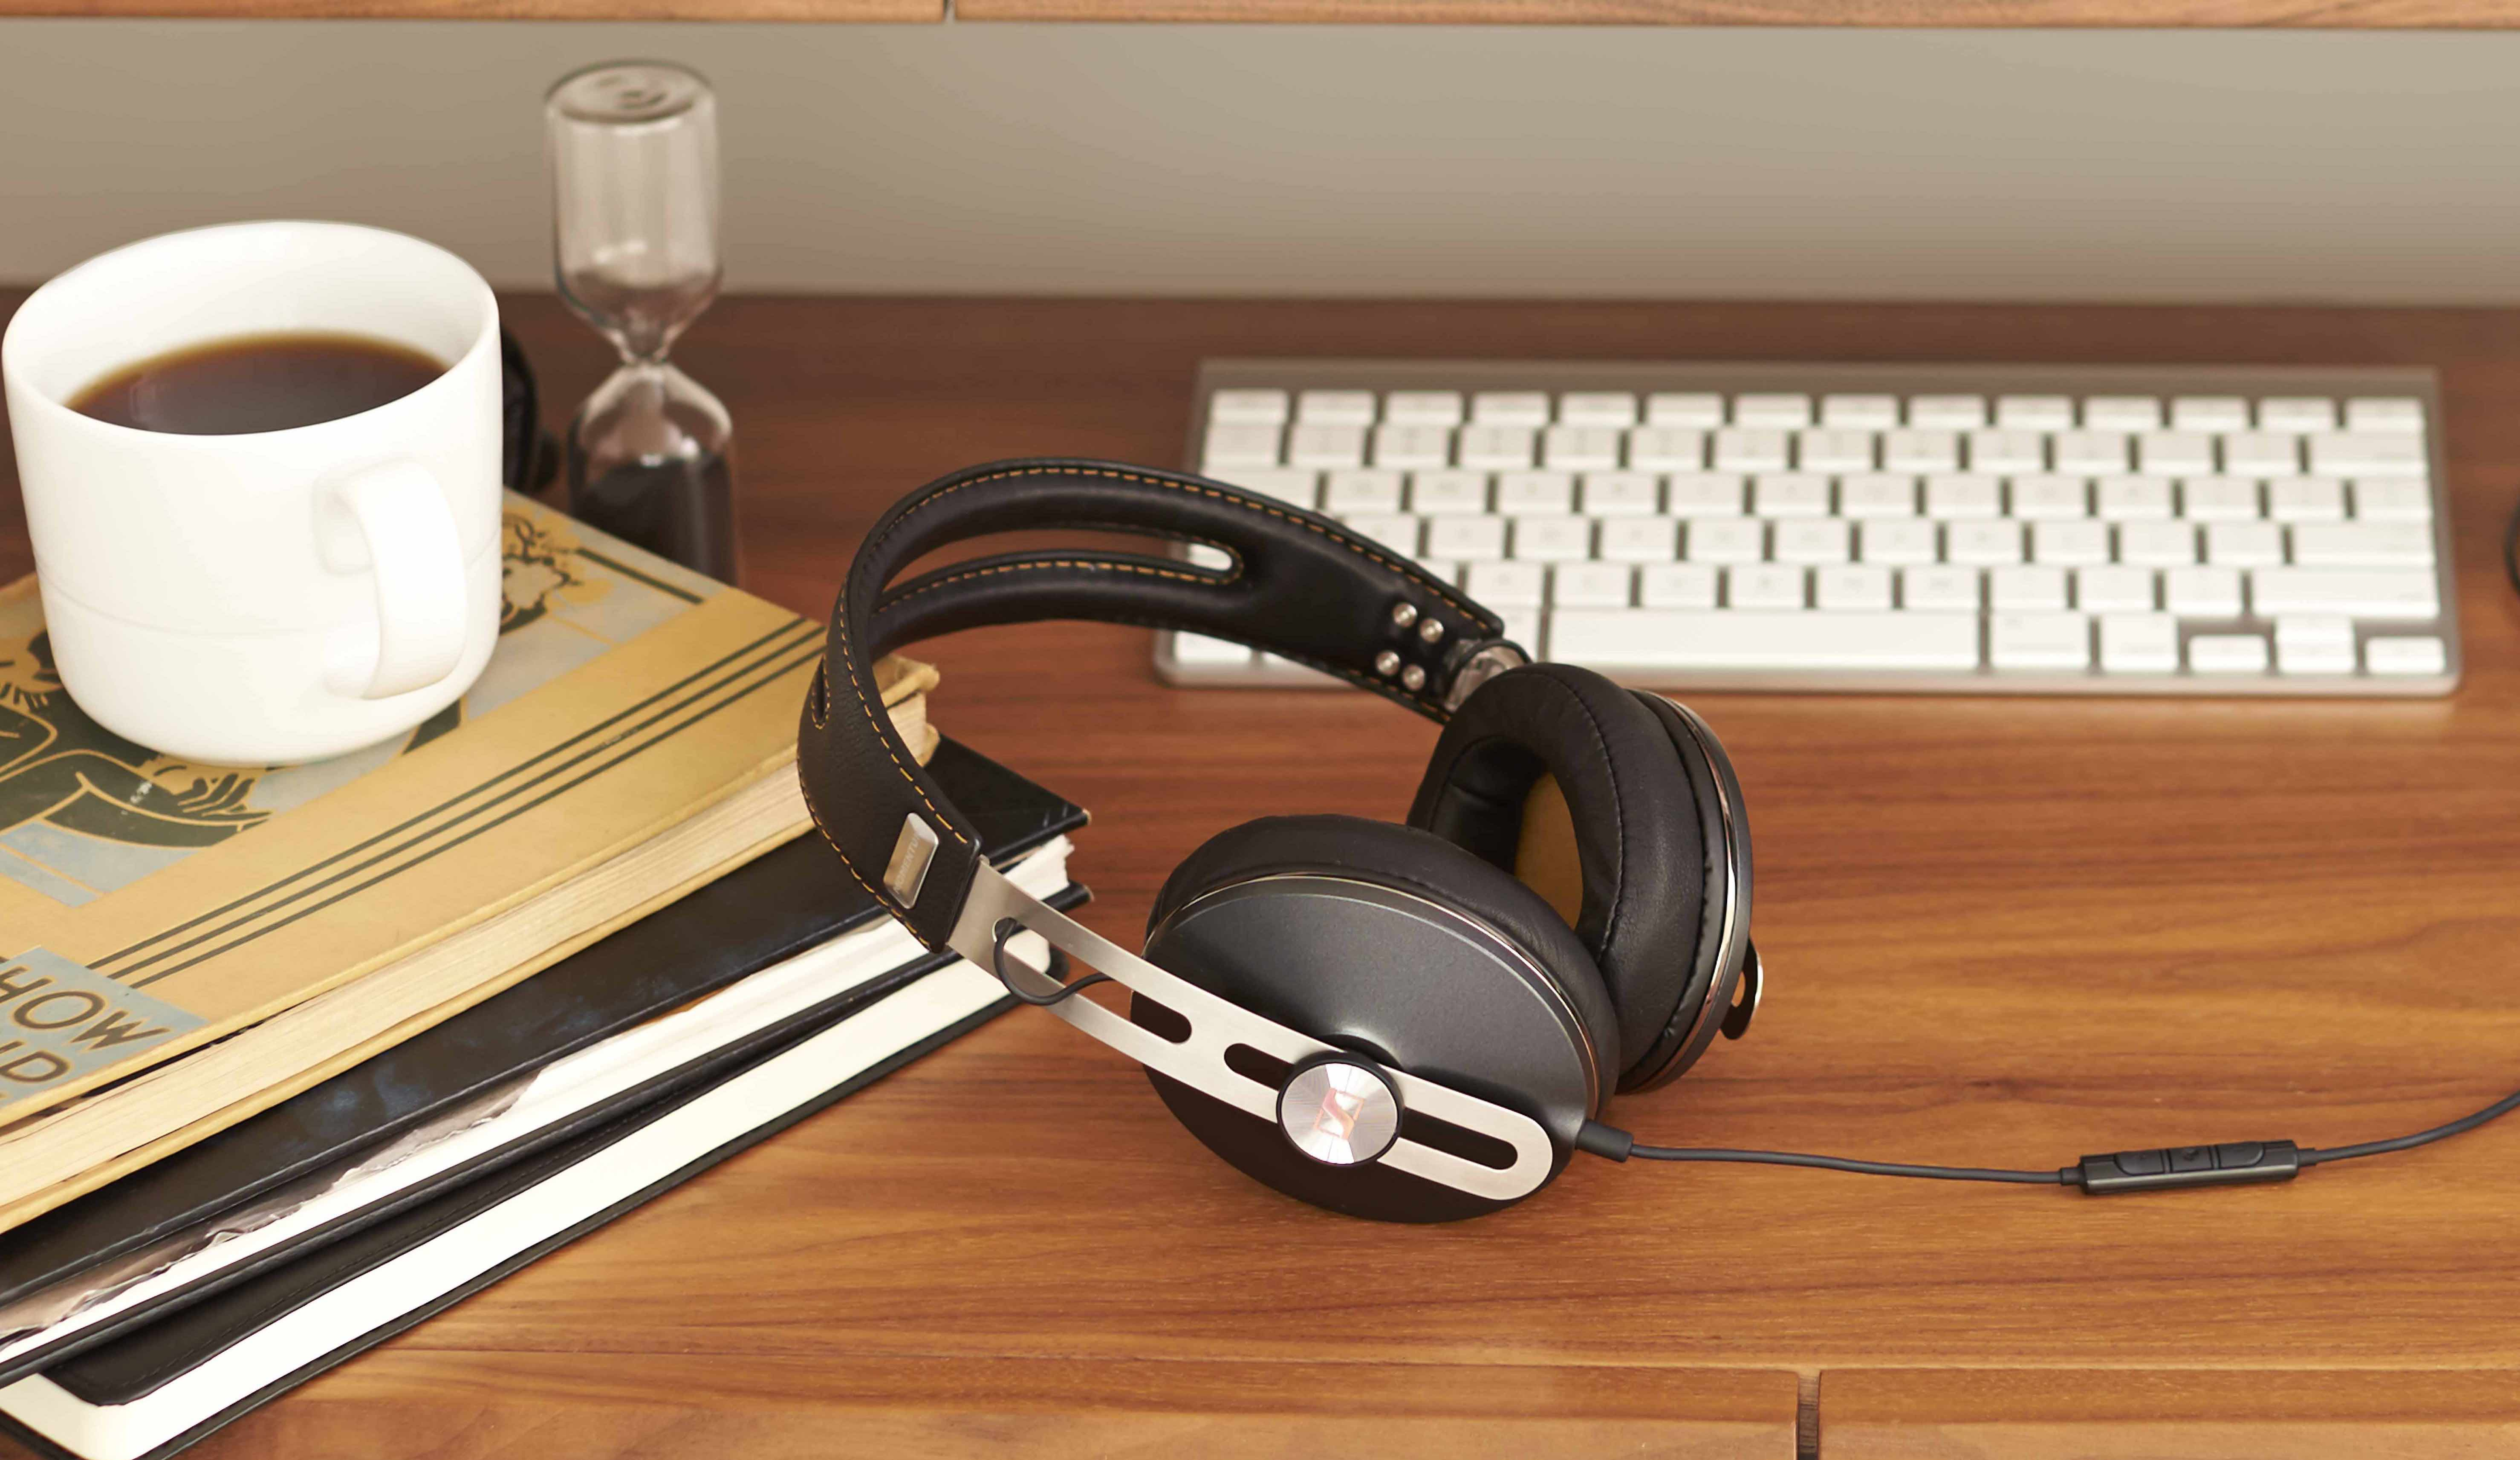 更輕更靚聲 進化第二代 Sennheiser Momentum 耳機